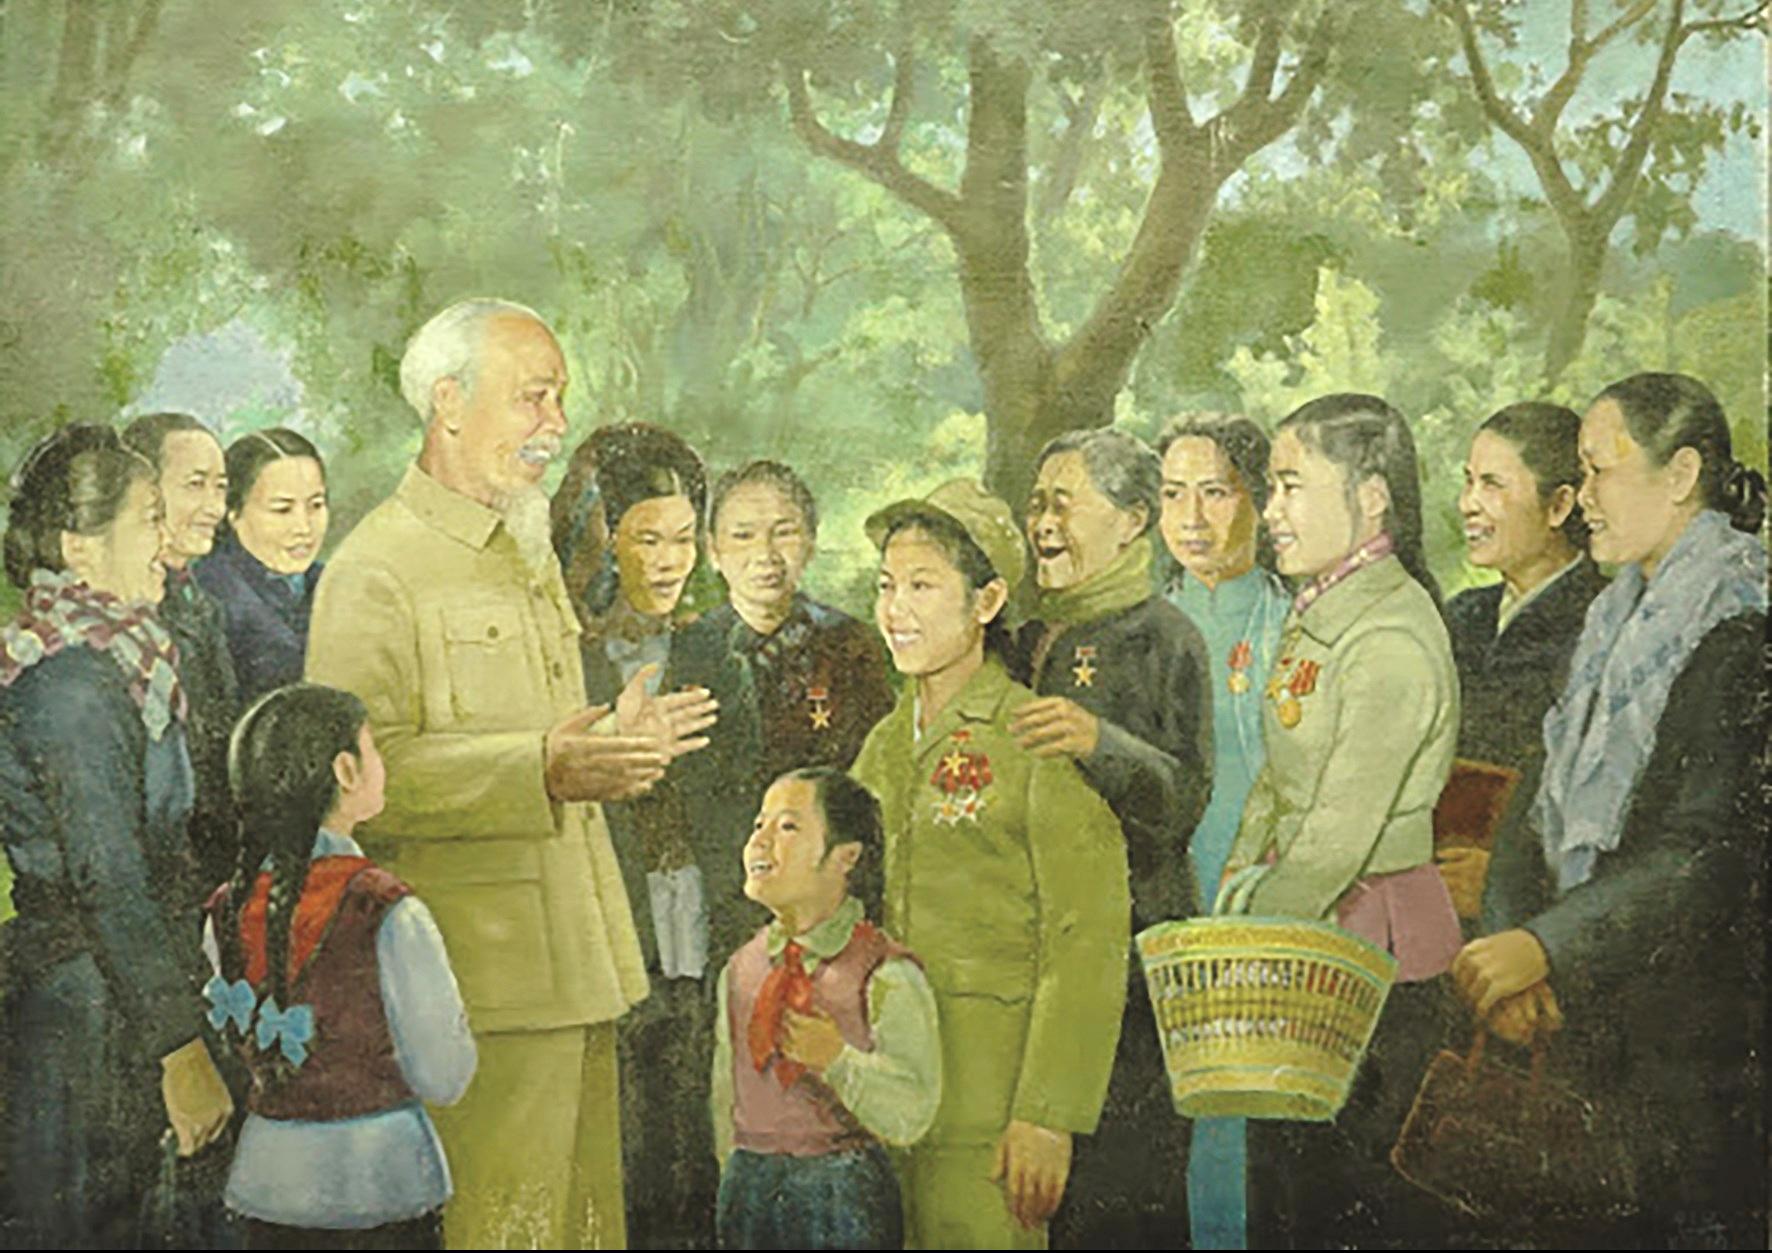 """Hình tượng Bác Hồ trong tác phẩm hội họa """"Nghe lời Bác dạy"""" của họa sĩ Vương Trình."""